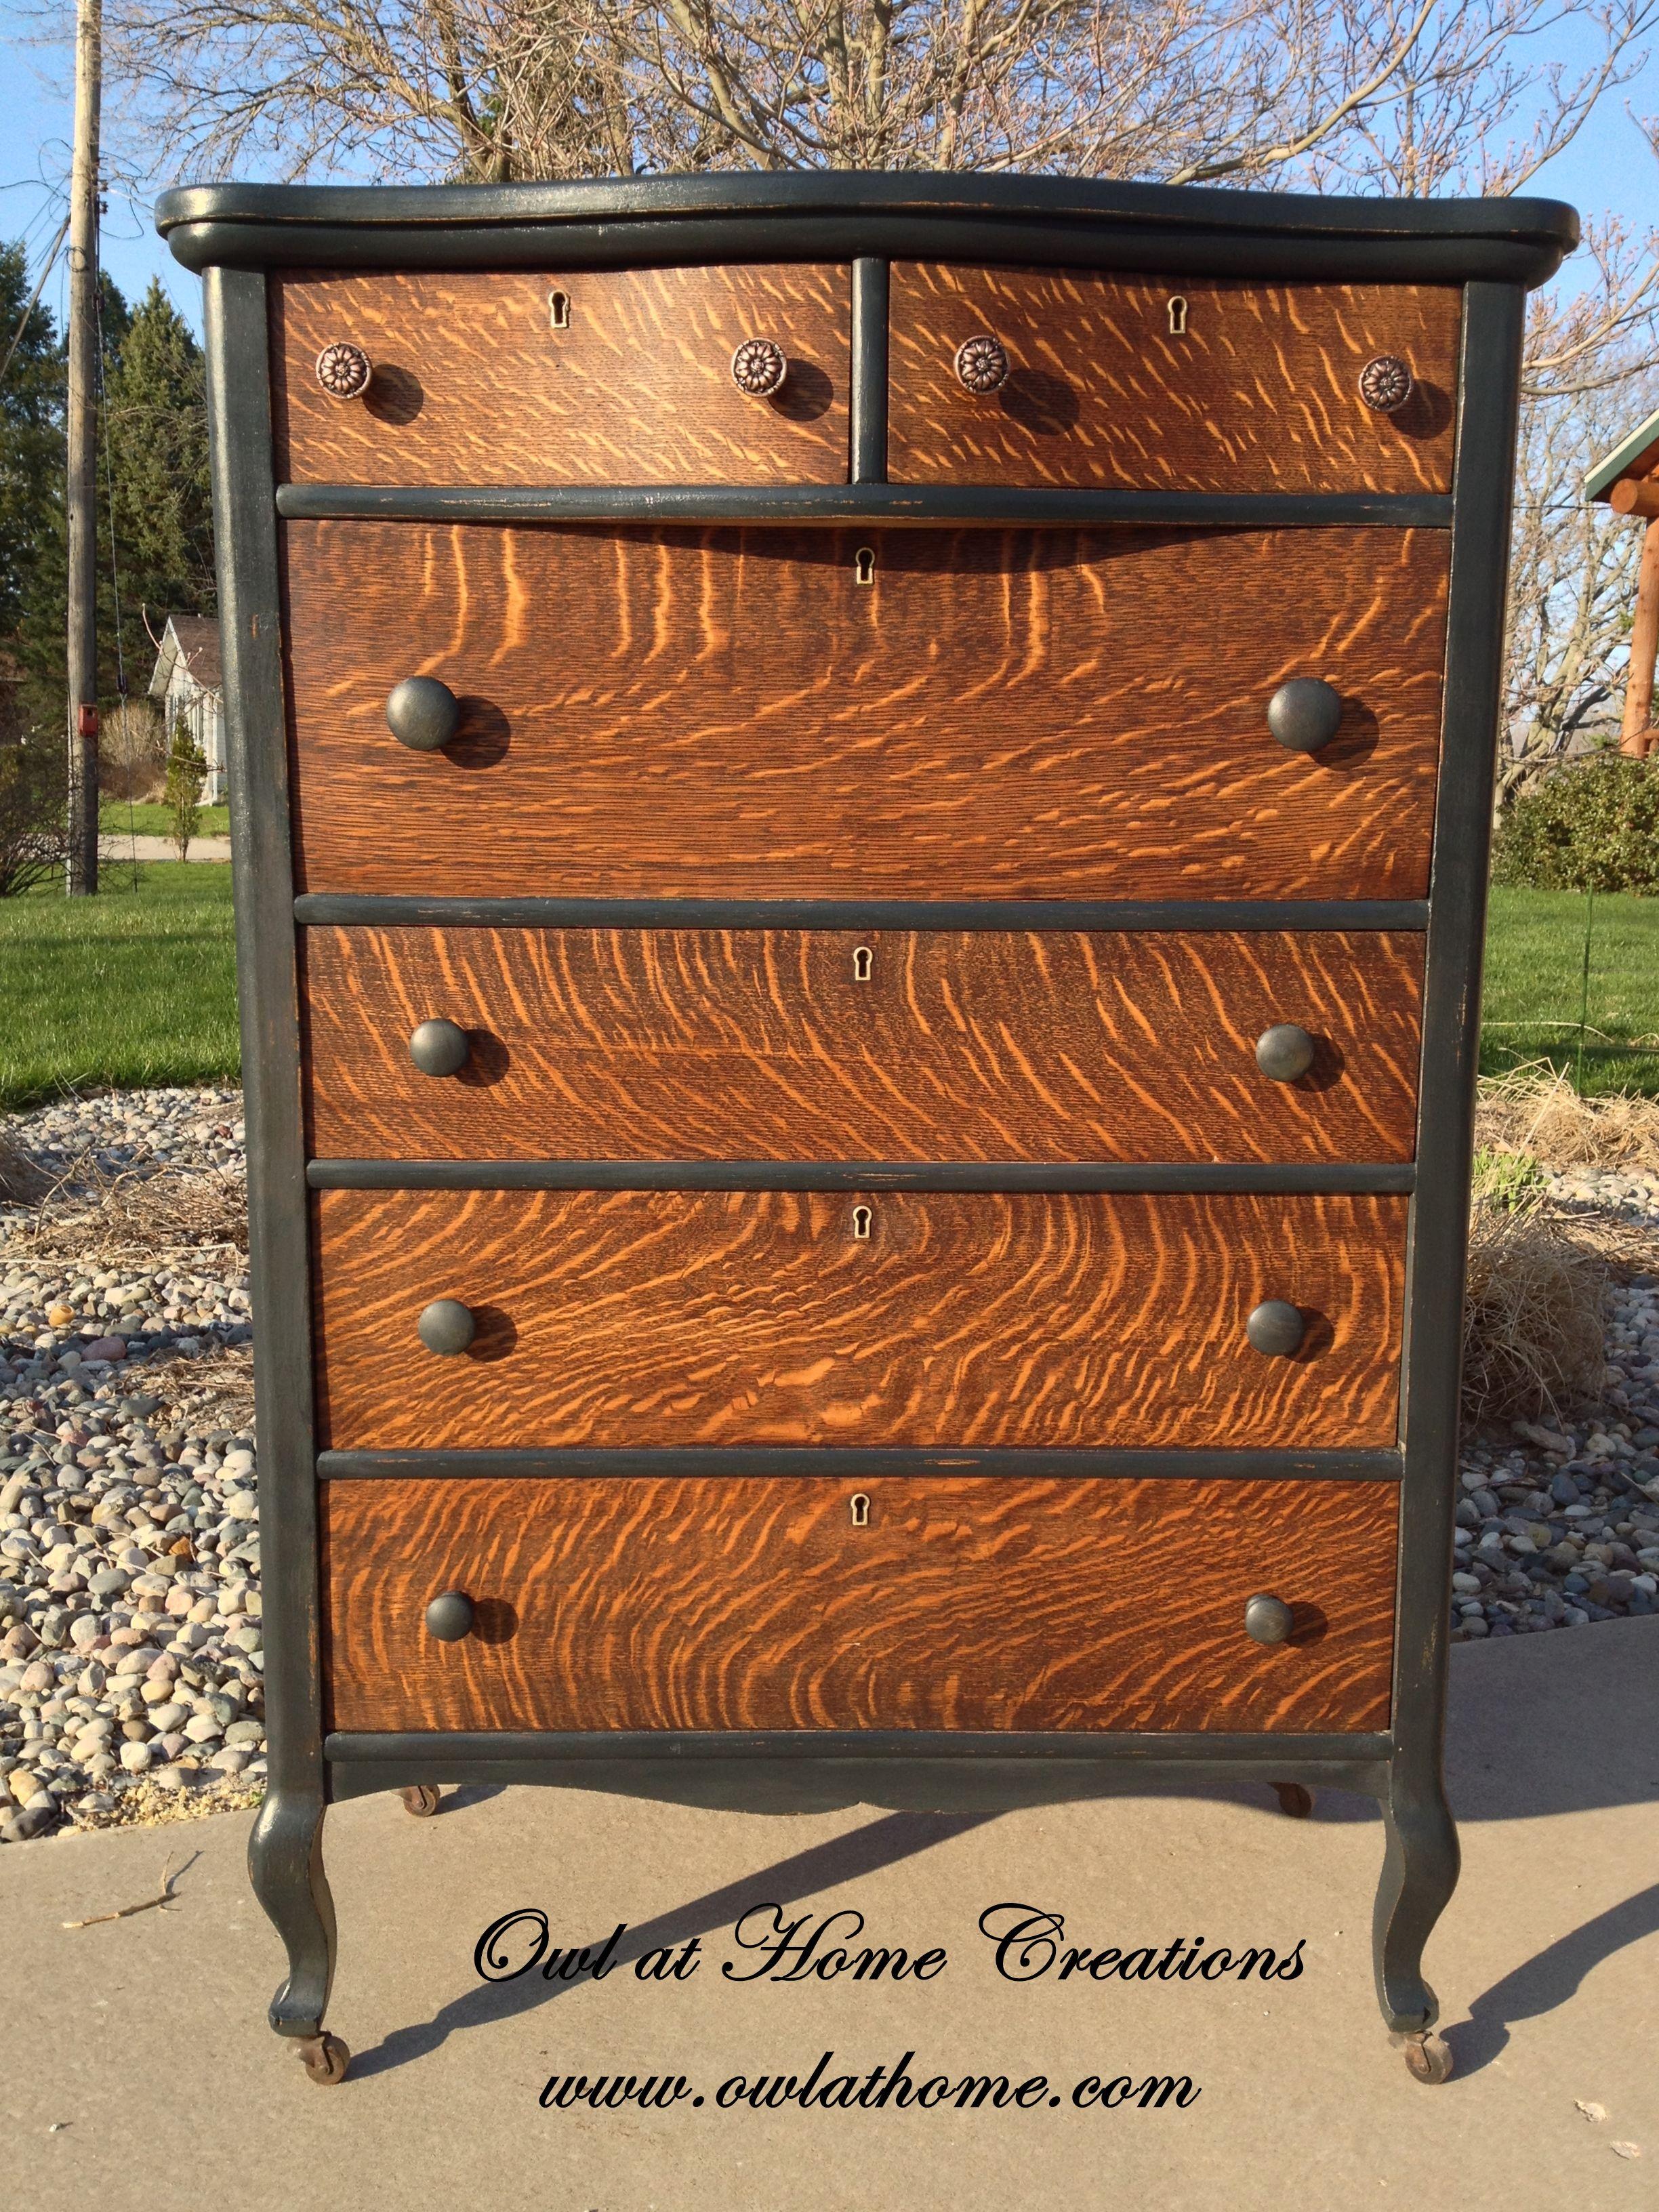 Quarter Sawn Oak Antique Dresser painted with Maison Blanche